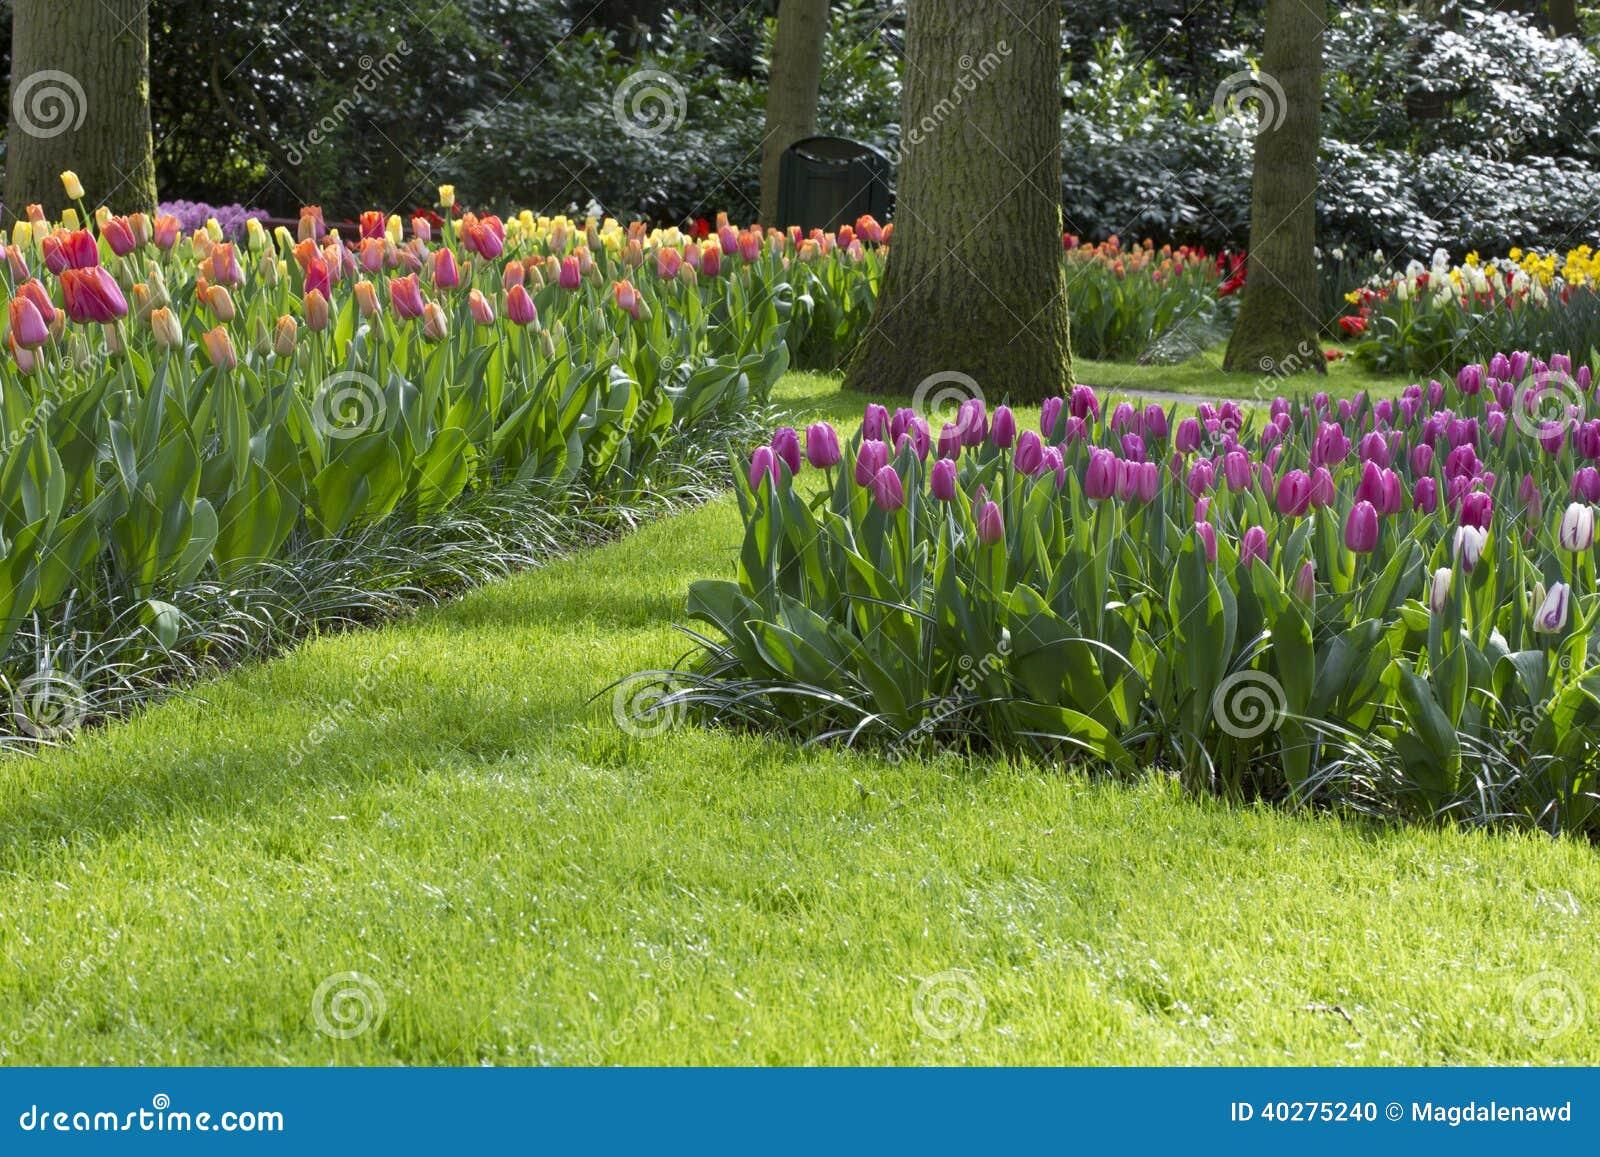 Цветочный сад весной